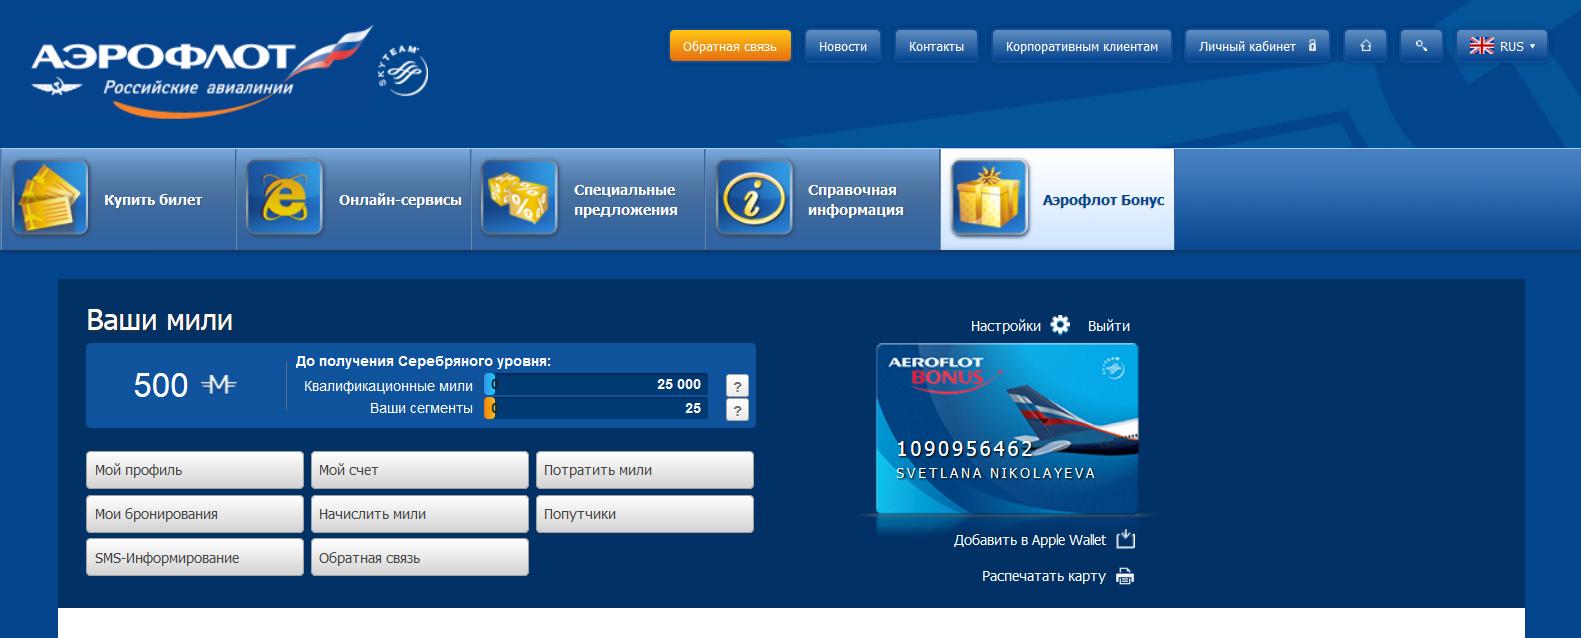 аэрофлот официальный сайт телефон горячей линии уфа